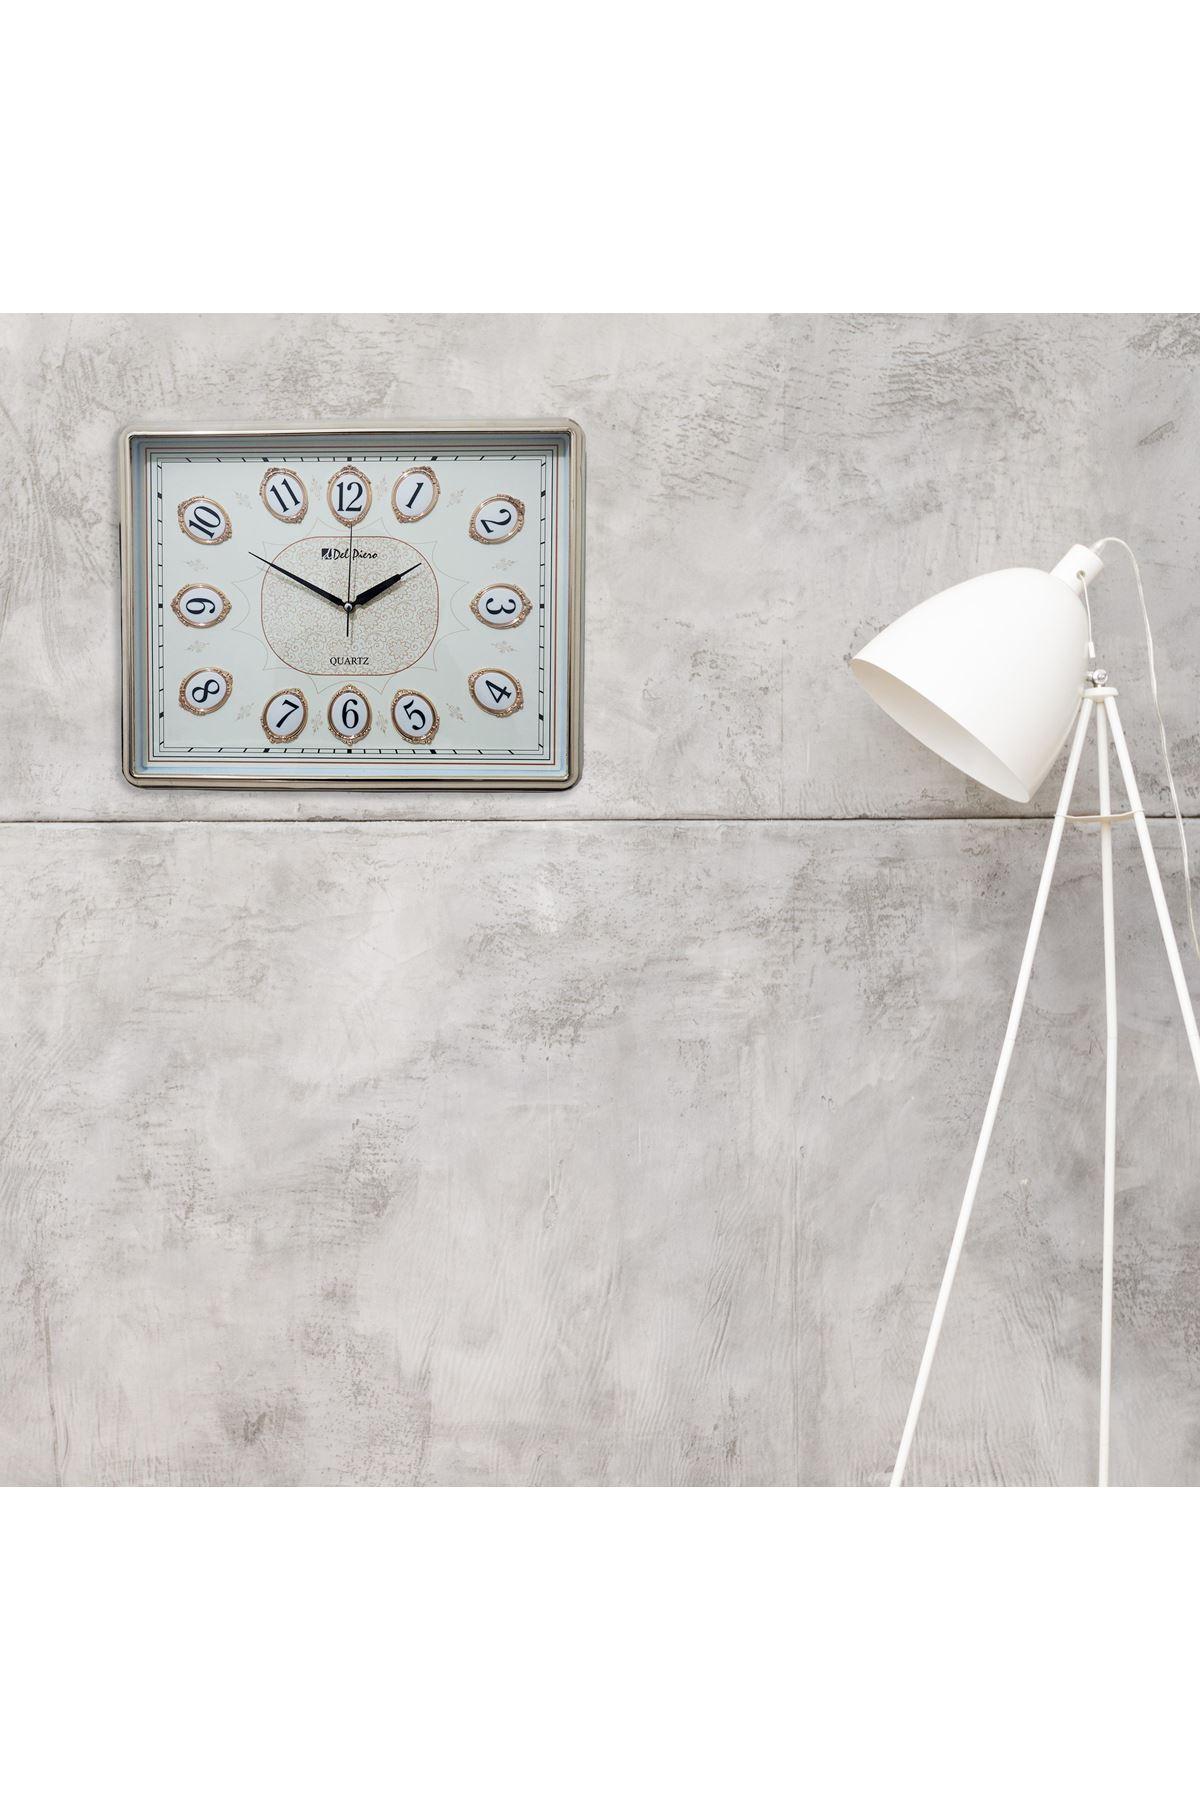 RİKON Del Piero Altın Yaldızlı Kare Dekoratif Duvar Saati